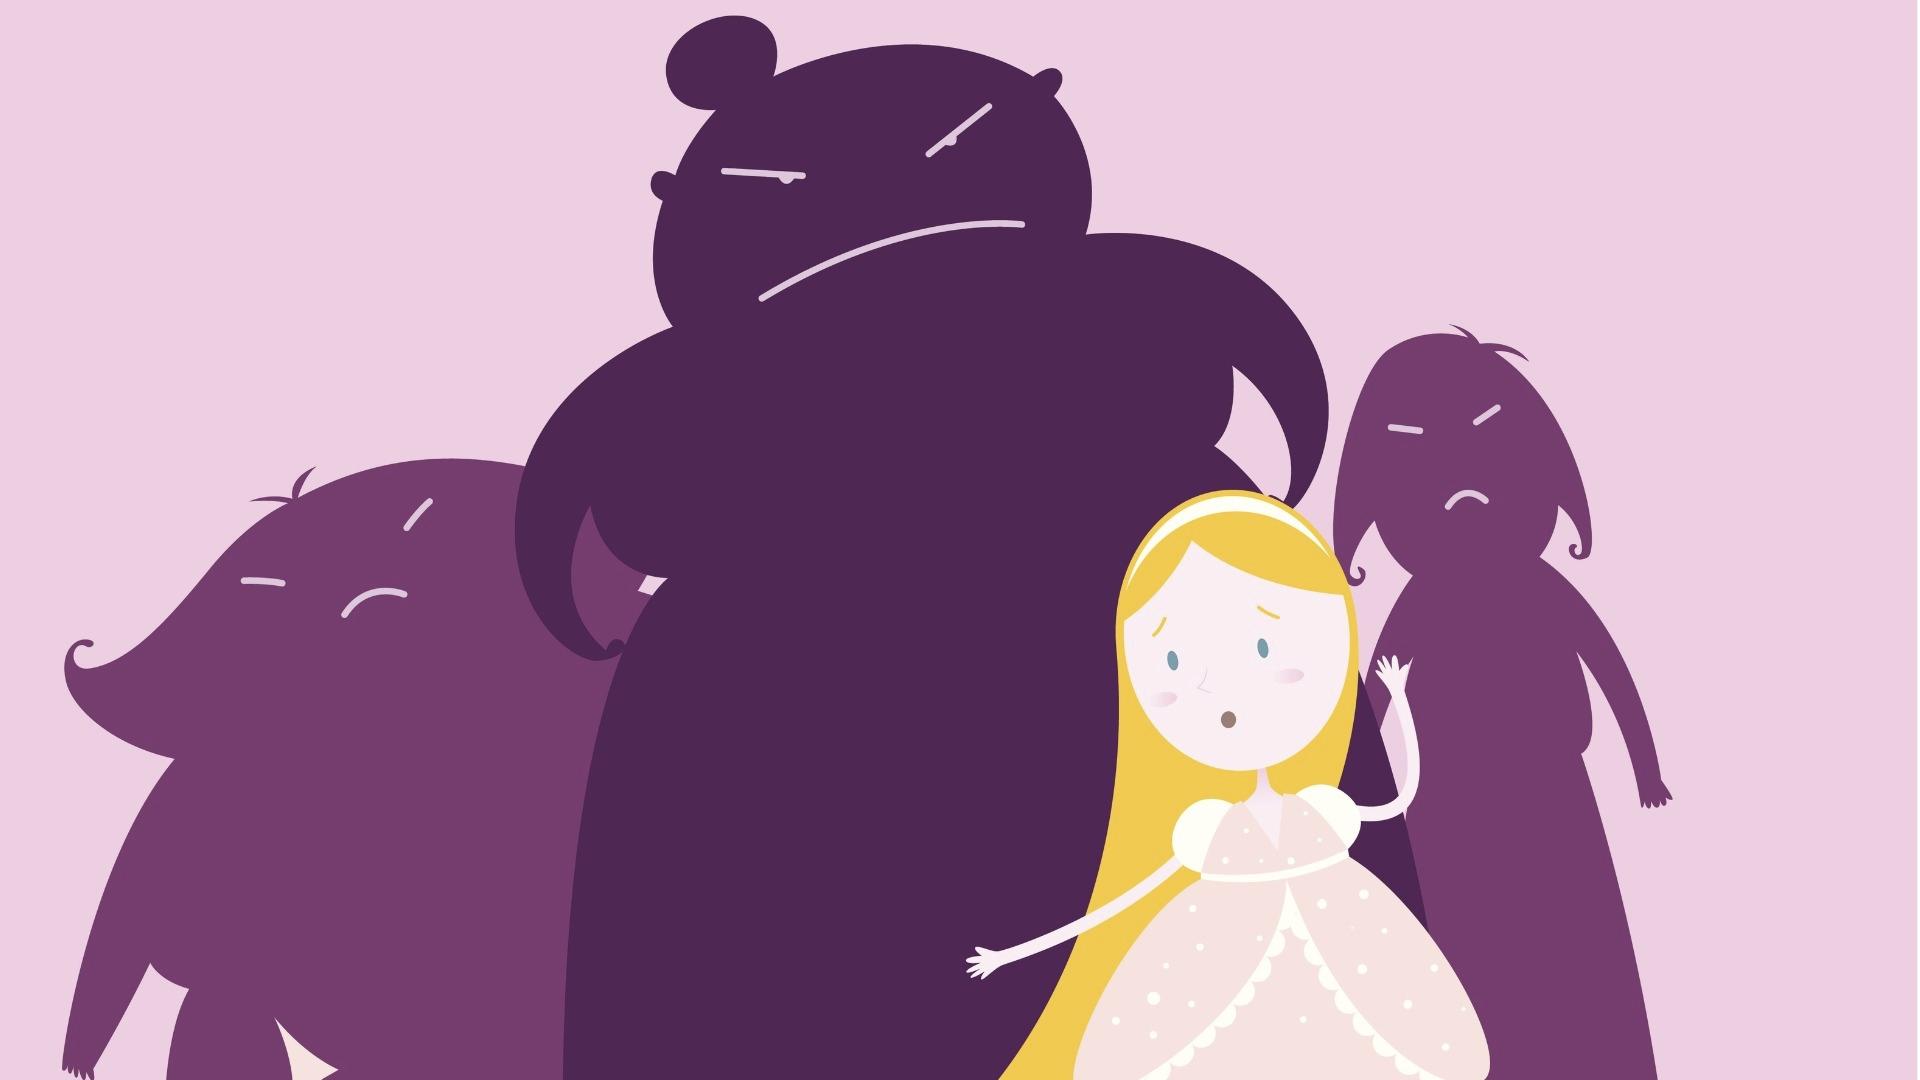 Elokuvan sisarusten väliset kiistat typistyvät kysymykseen siitä, että Tuhkimo on kaunis ja se on siskoille ongelma.